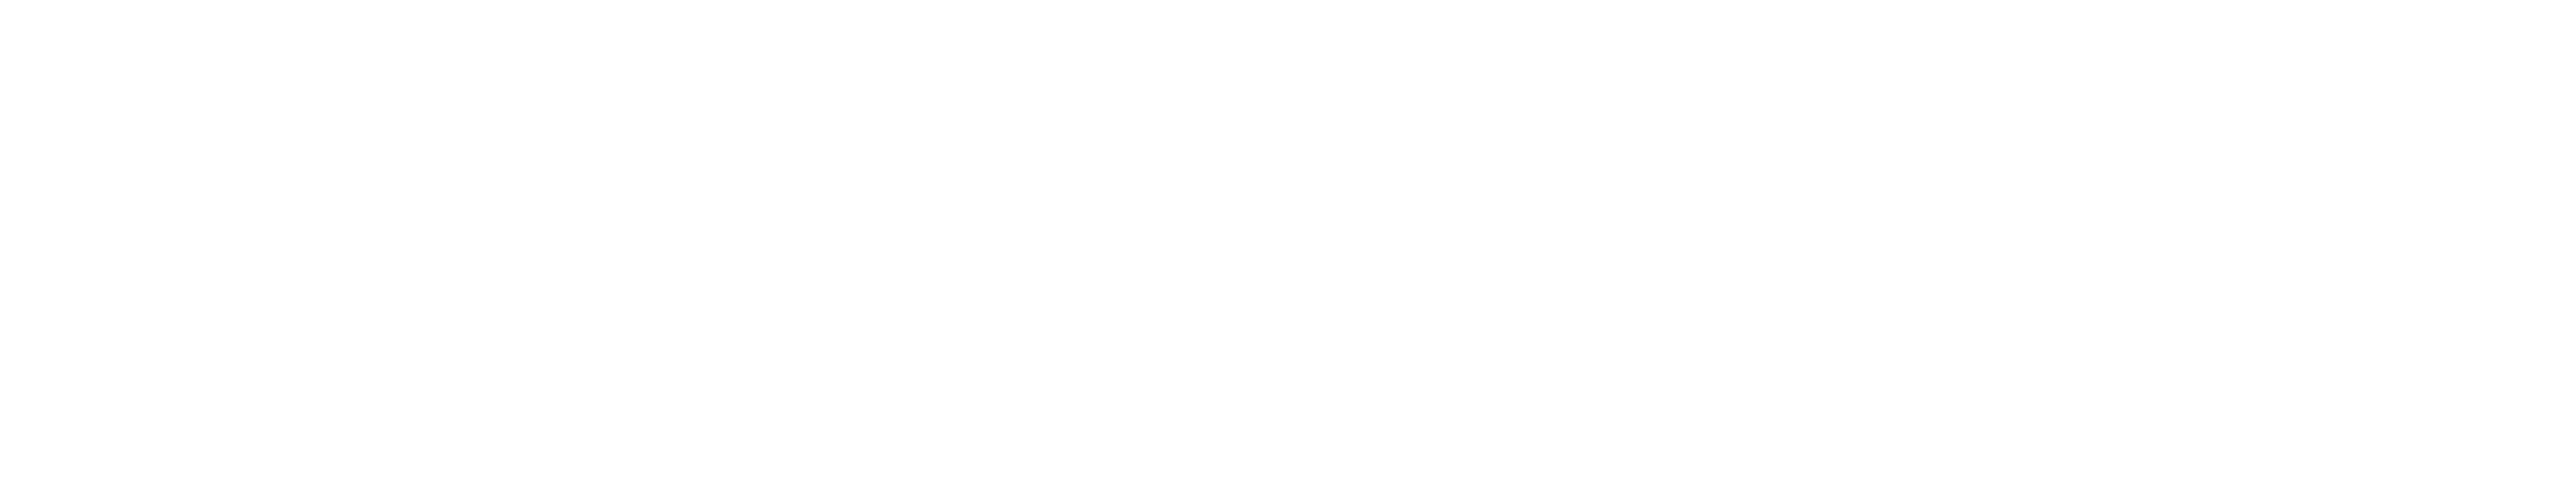 Tacticlip